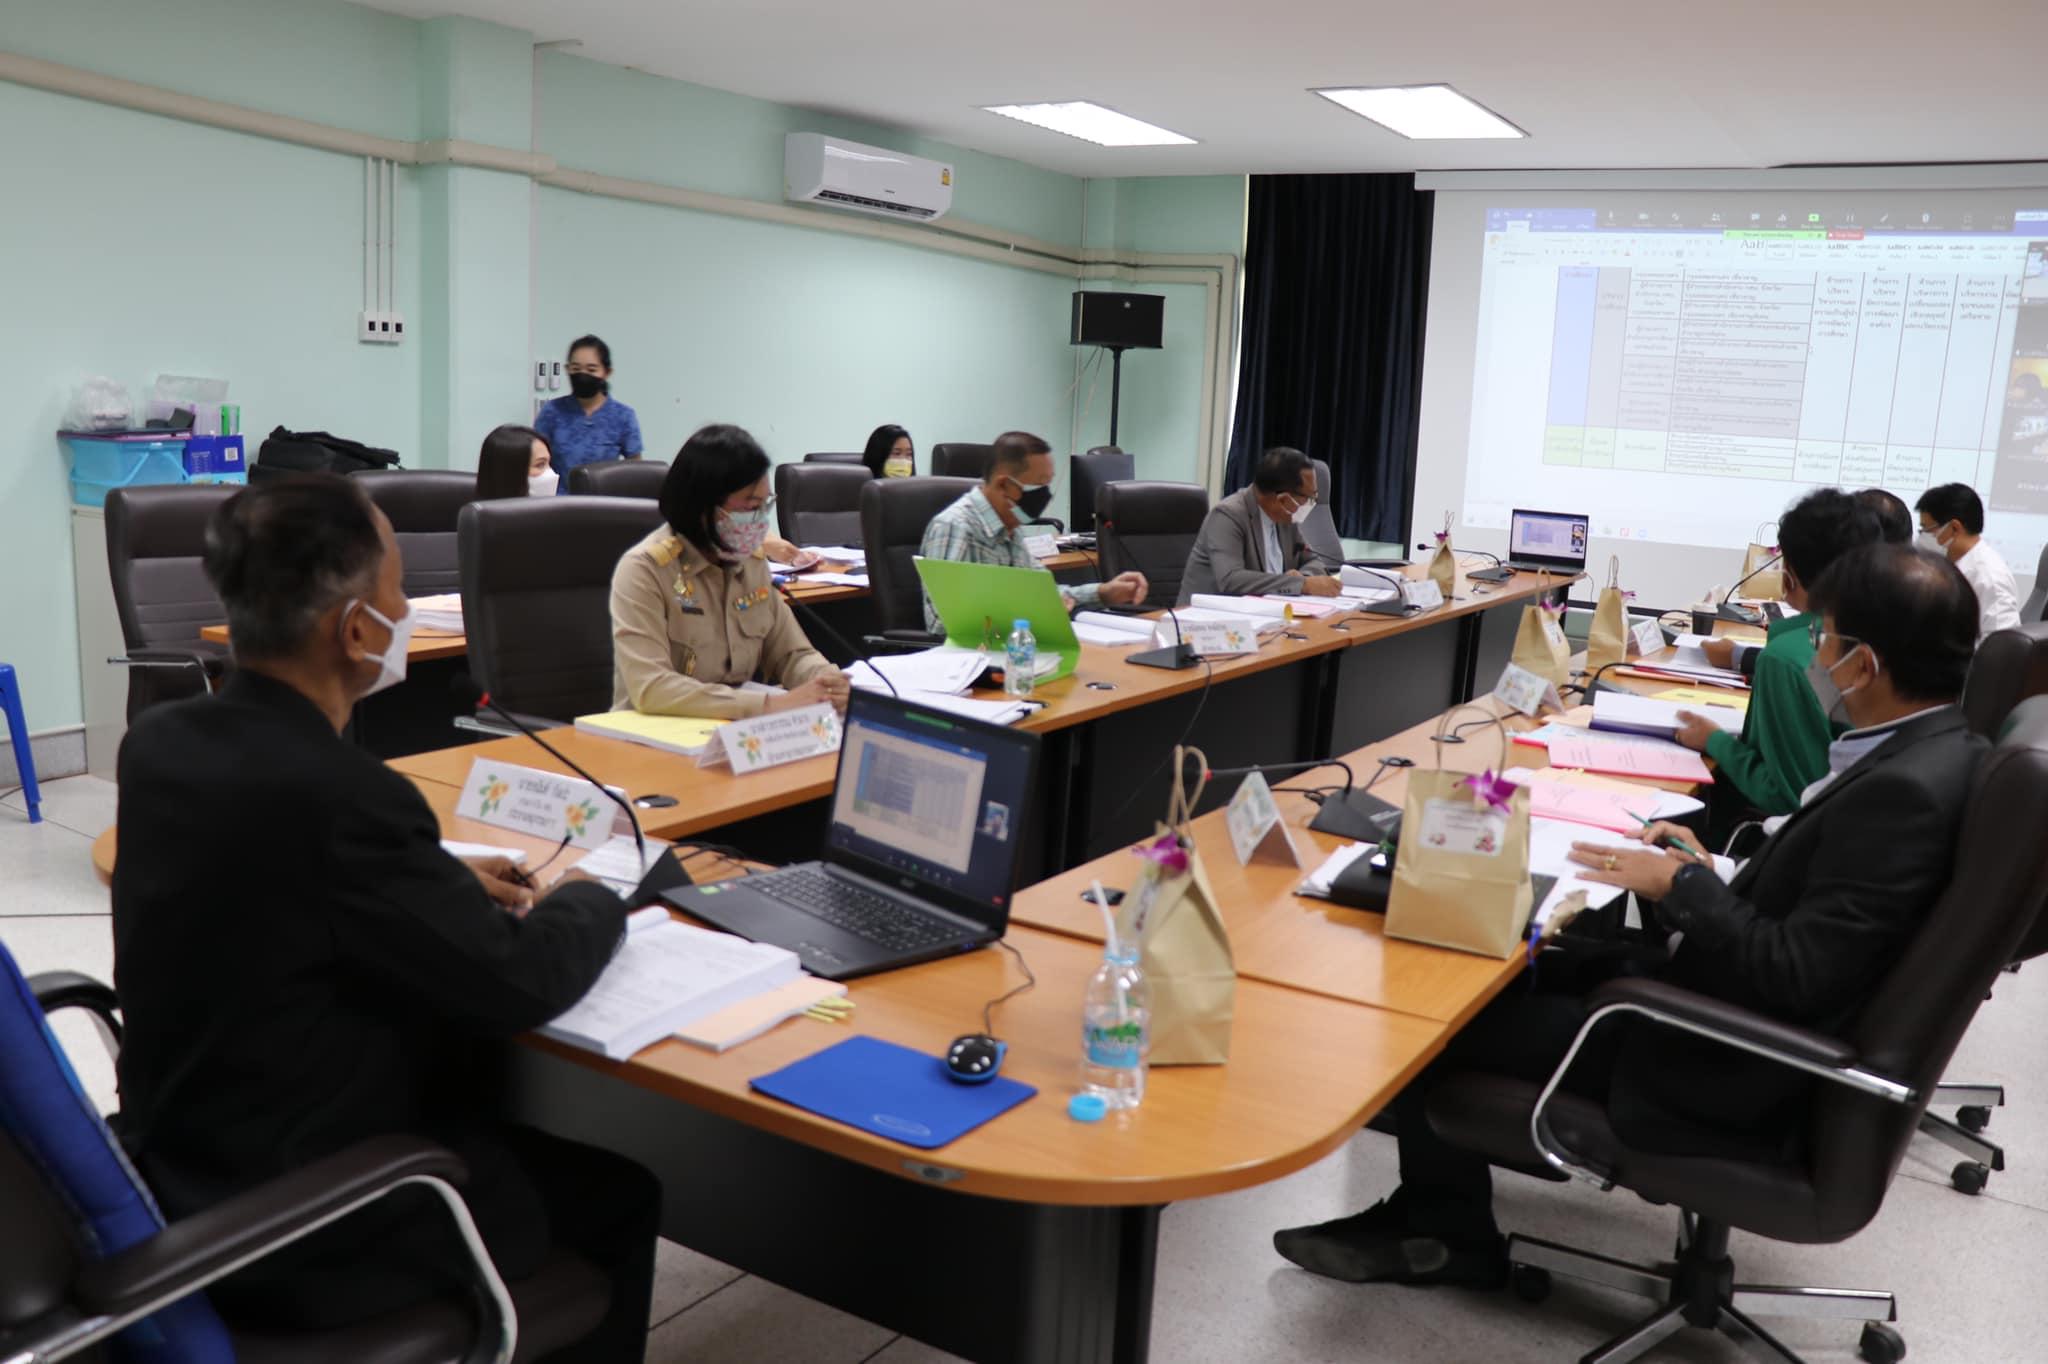 นายอนันต์ กัลปะ ผู้ทรงคุณวุฒิ เป็นประธานในการประชุมคณะอนุกรรมการศึกษาธิการจังหวัดกาญจนบุรี (ด้านบริหารงานบุคคล) ครั้งที่ 9/2564